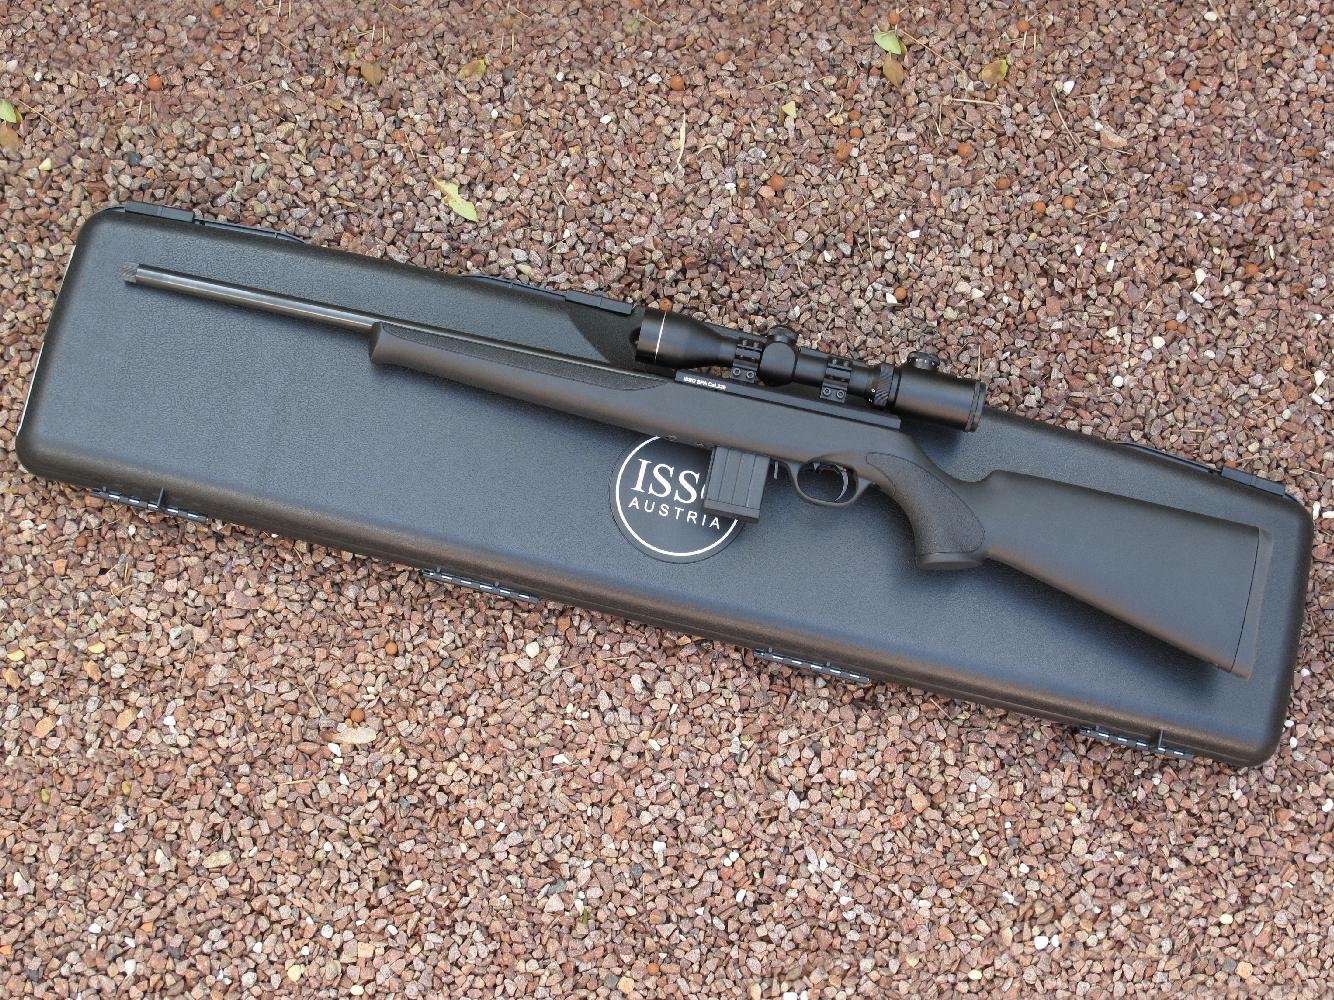 La carabine ISSC SPA est proposée en plusieurs versions et plusieurs calibres. Celle que nous avons testée, chambrée en calibre .22 Long Rifle, est équipée d'une monture d'aspect classique, avec poignée pistolet et fût à mi-longueur du canon, dont la réalisation fait appel à des matériaux modernes, en l'occurrence un polycarbonate de couleur noire.